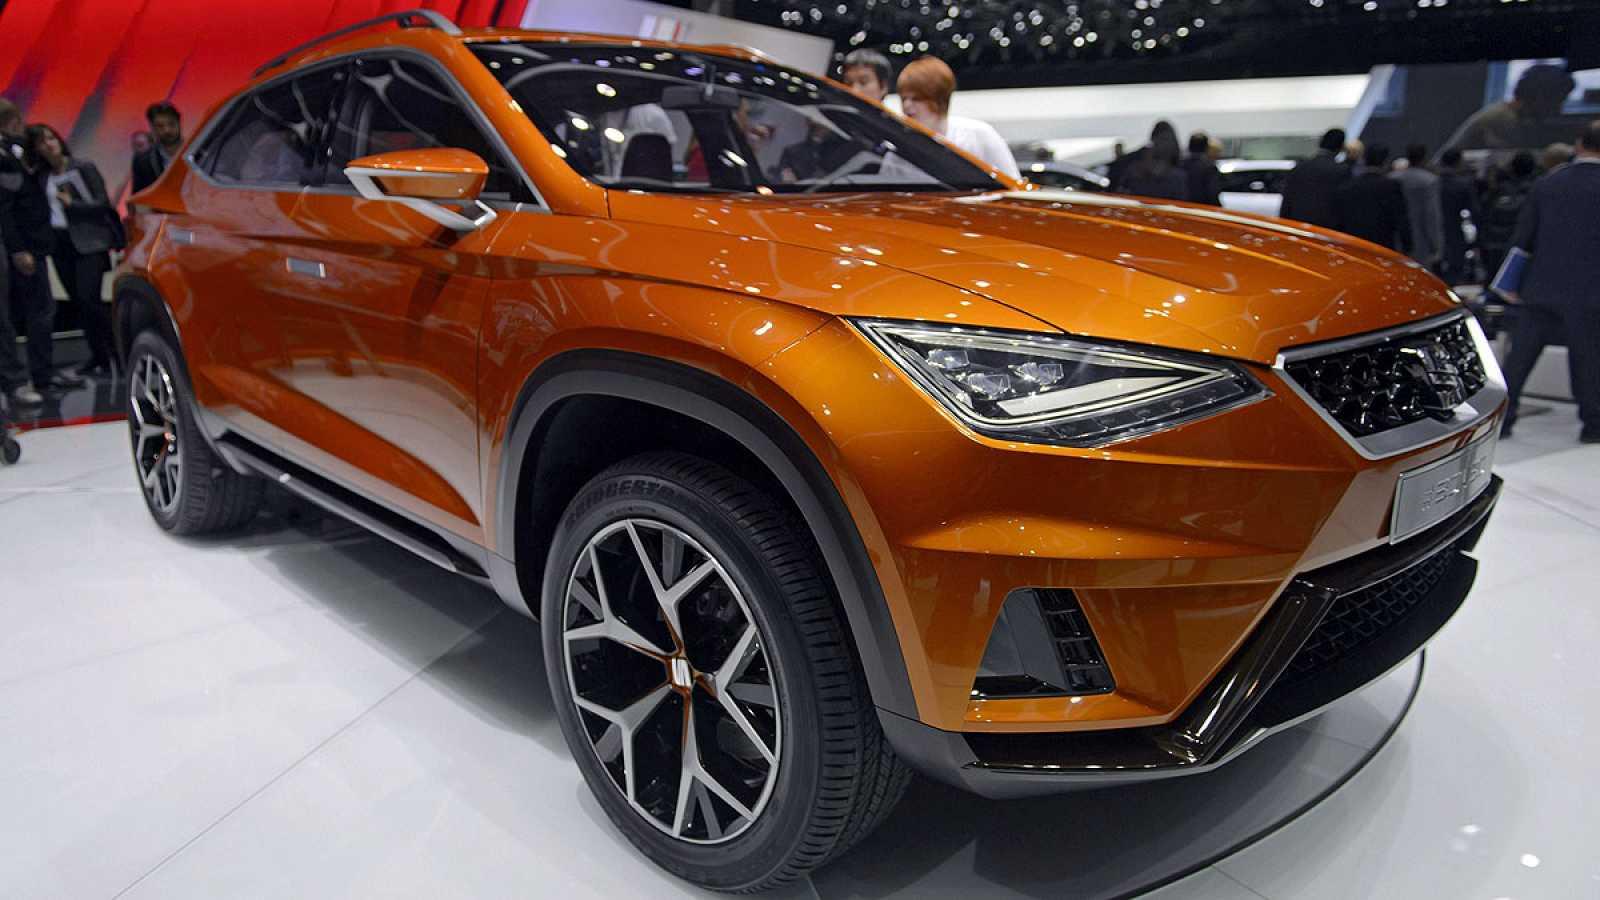 Modelo de SUV de Seat presentado en el Salón de Ginebra